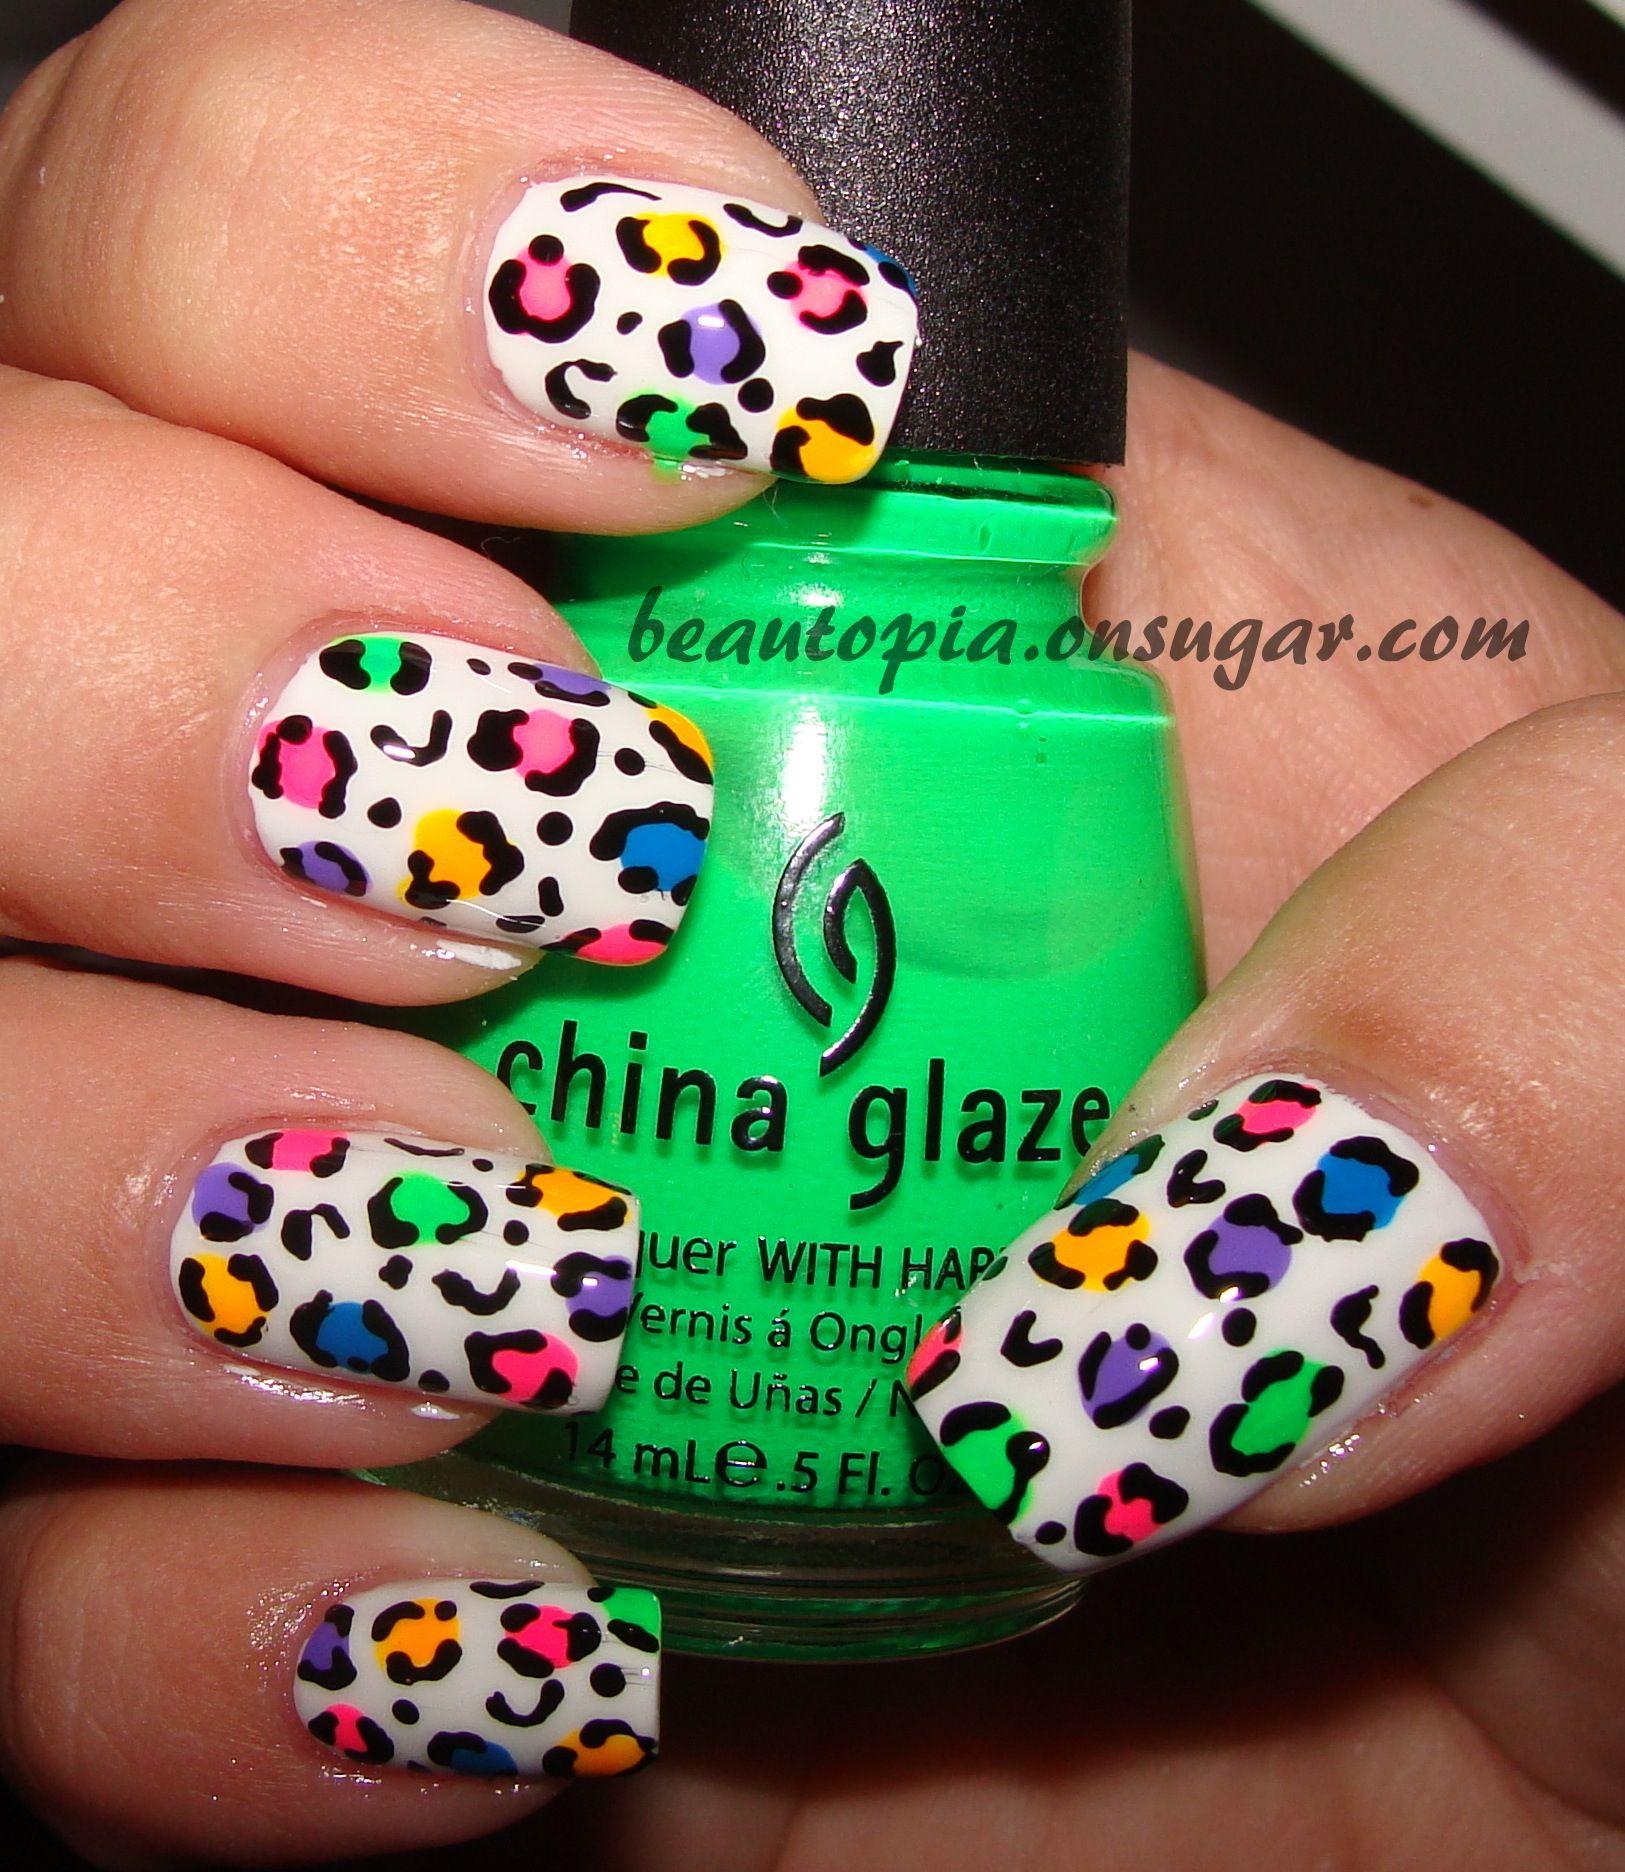 Rainbow cheetah print nails # 2 | Manicure et pédicure | Pinterest